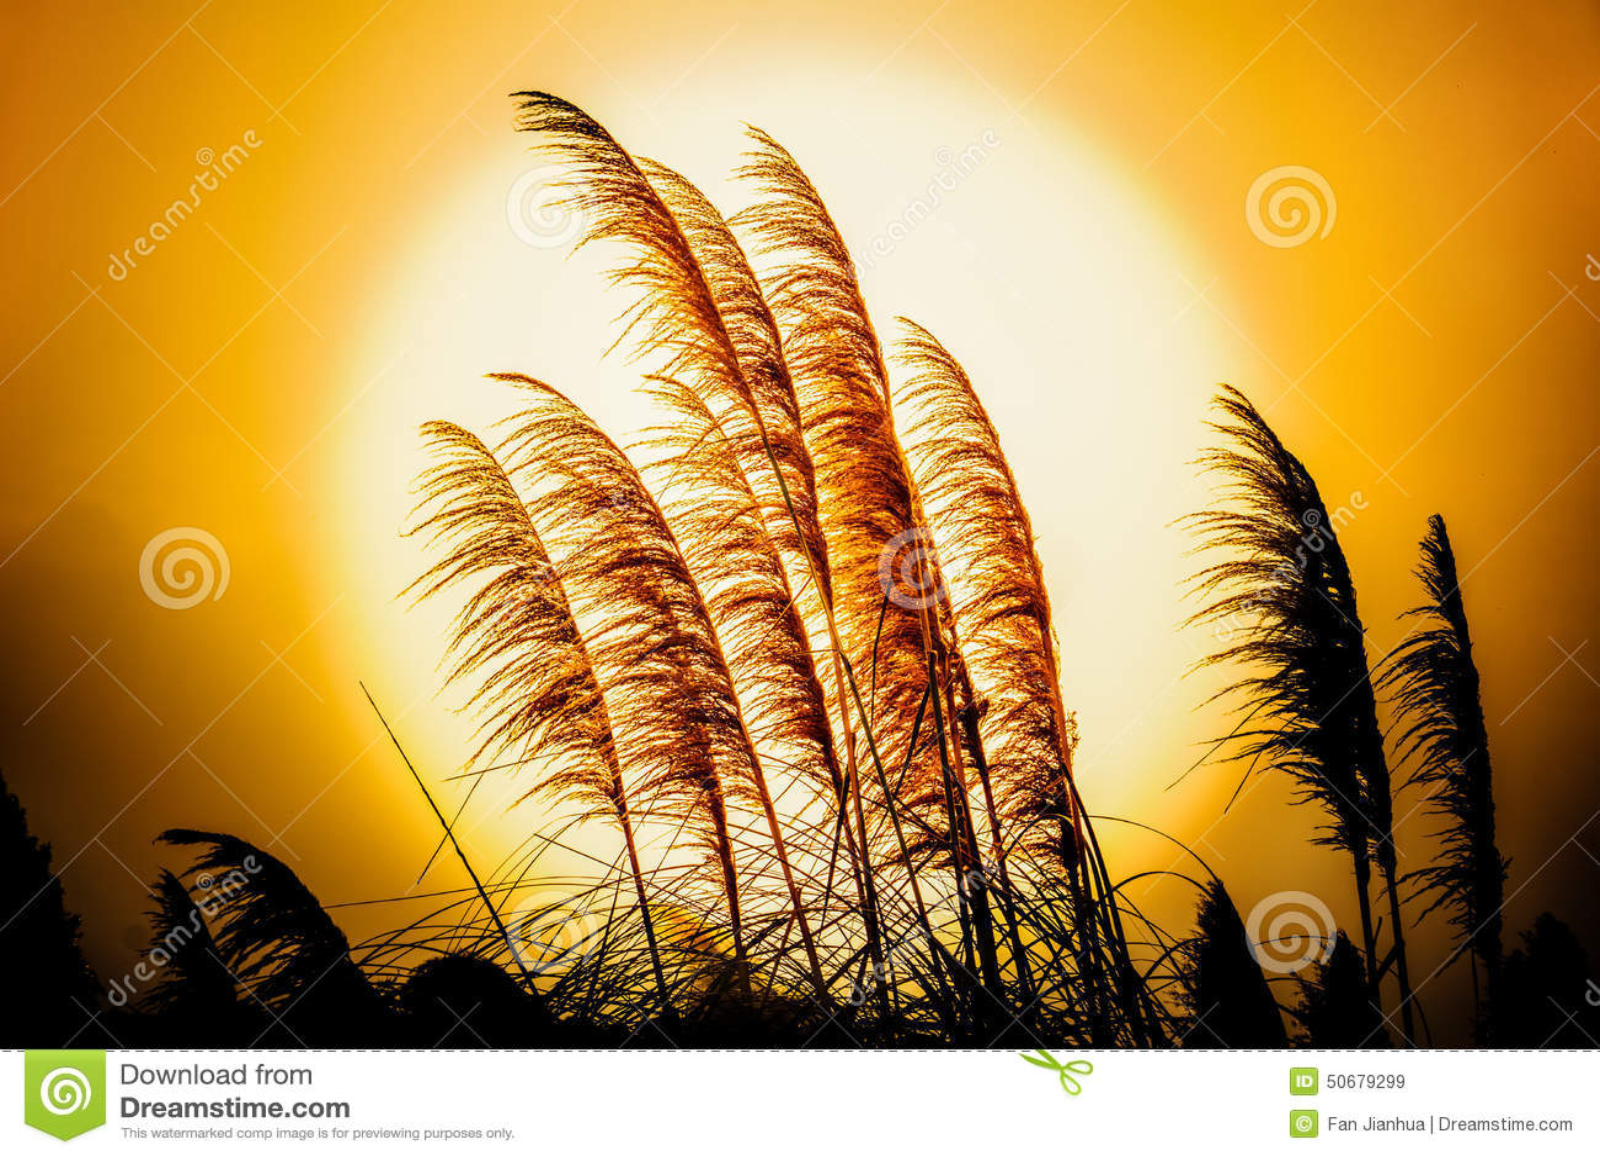 Download 在落日的里德花 库存图片. 图片 包括有 风景, 地产, 食物, 一口, 背包, 成熟, 室外, 日落, 农田 - 50679299